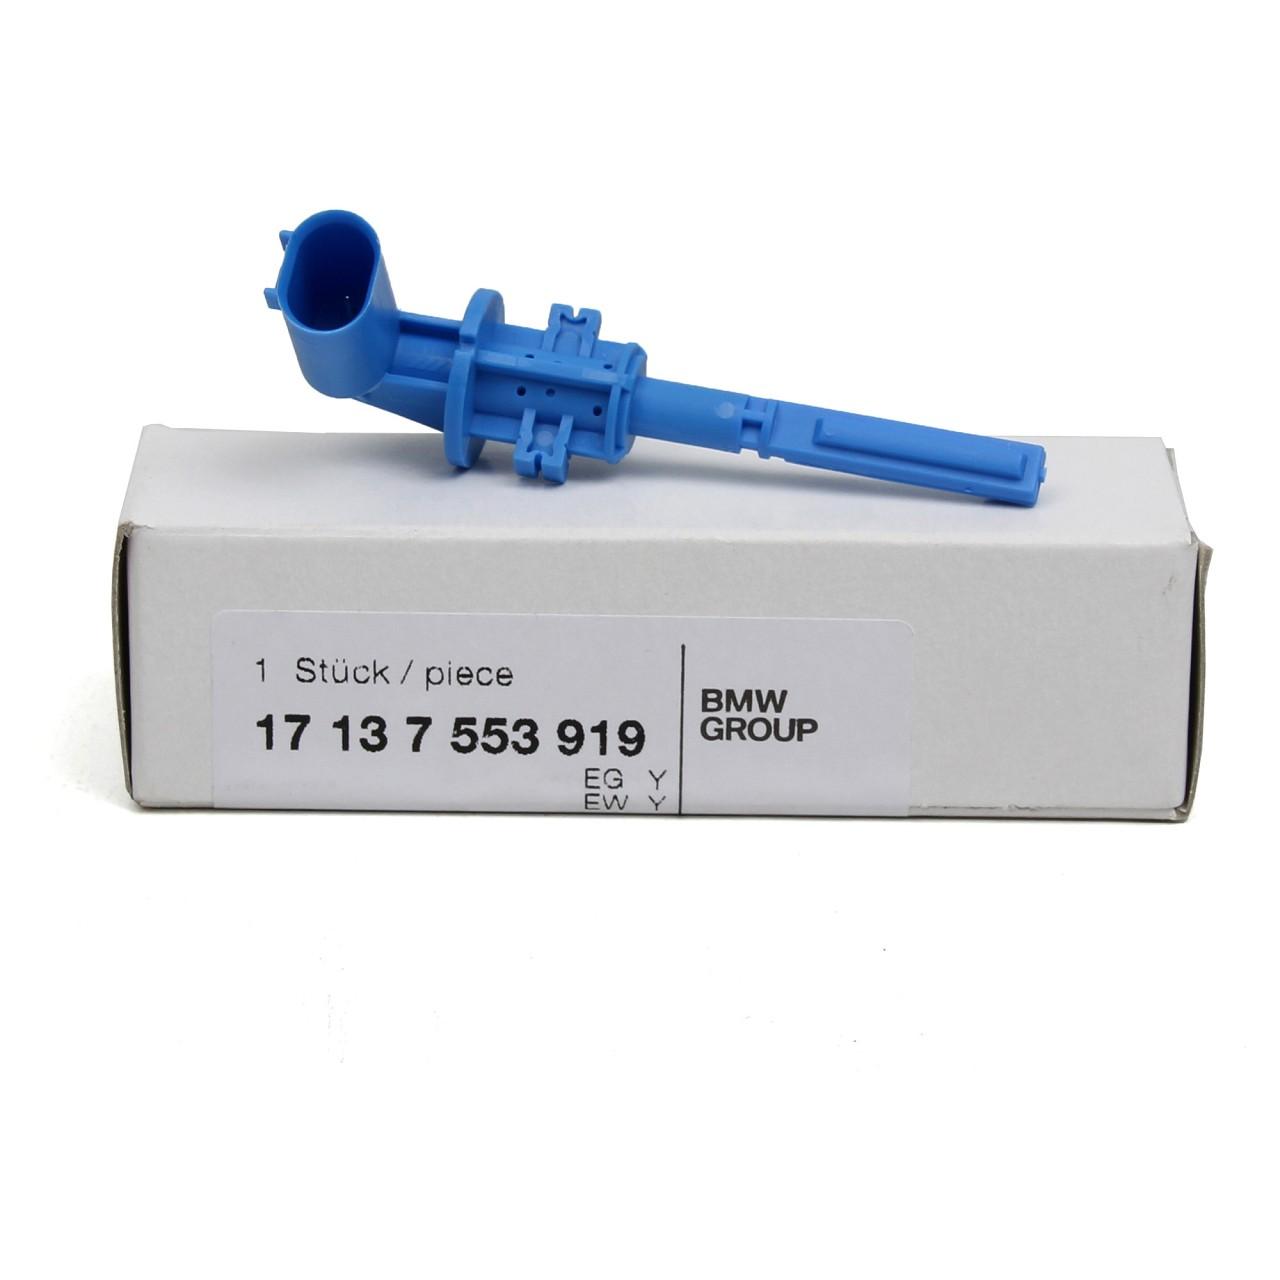 ORIGINAL BMW Sensor Kühlmittelstand Kühlwasserstand 17137553919